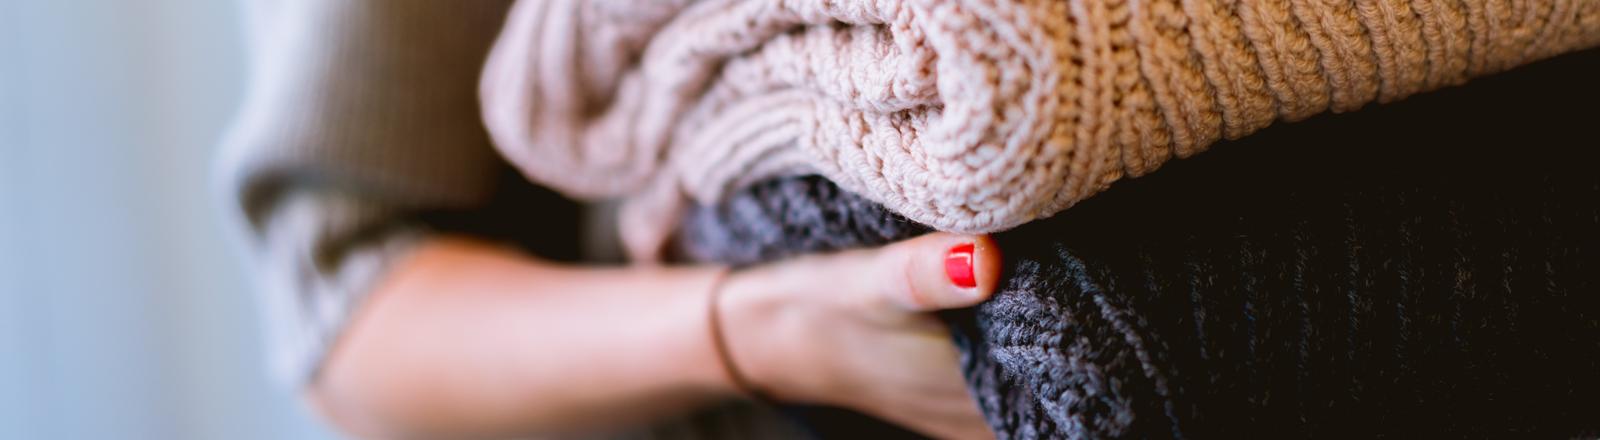 Eine Frau trägt mehrere gefaltete Pullover